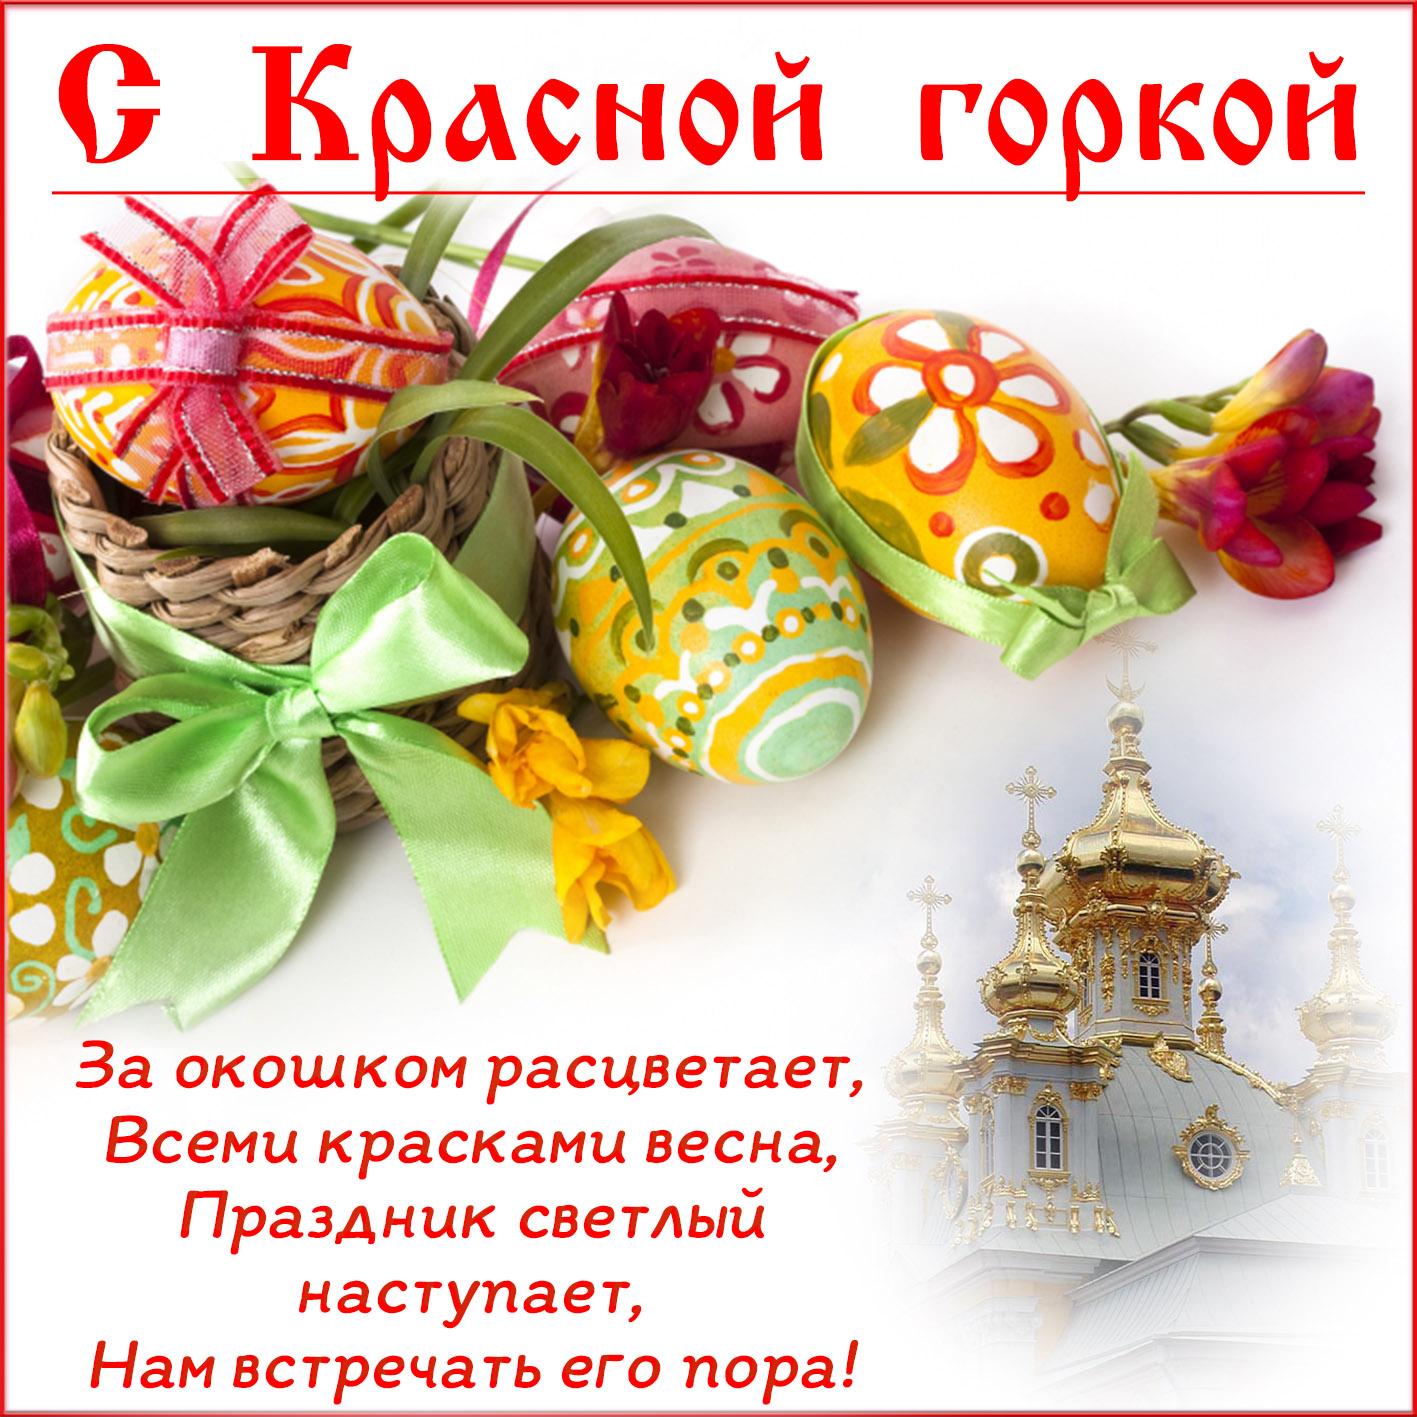 Открытка - красивые яички и поздравление на Красную горку